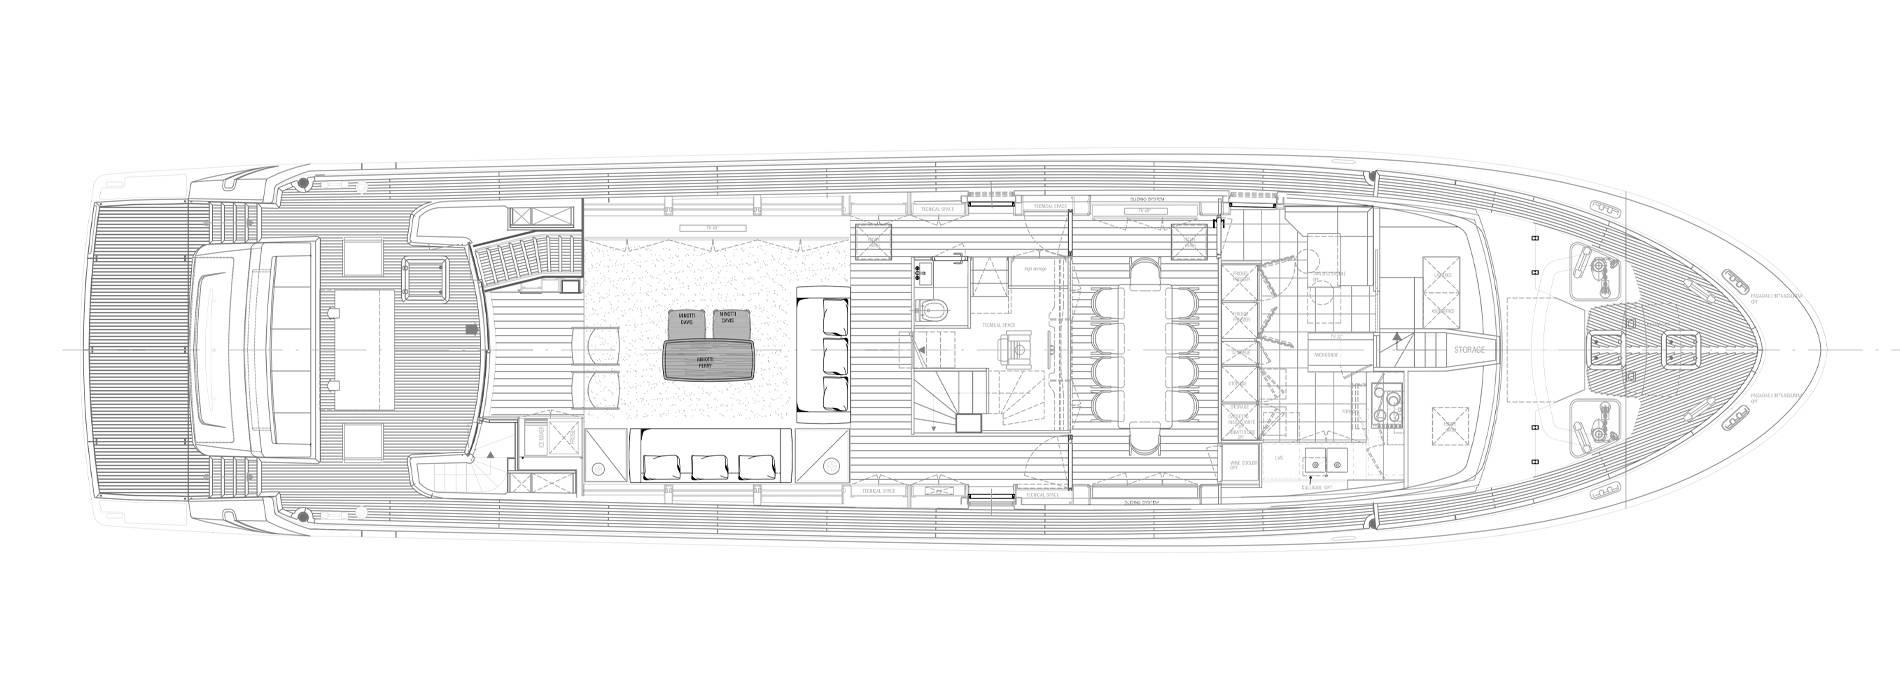 Sanlorenzo Yachts SL96-631 under offer 主甲板